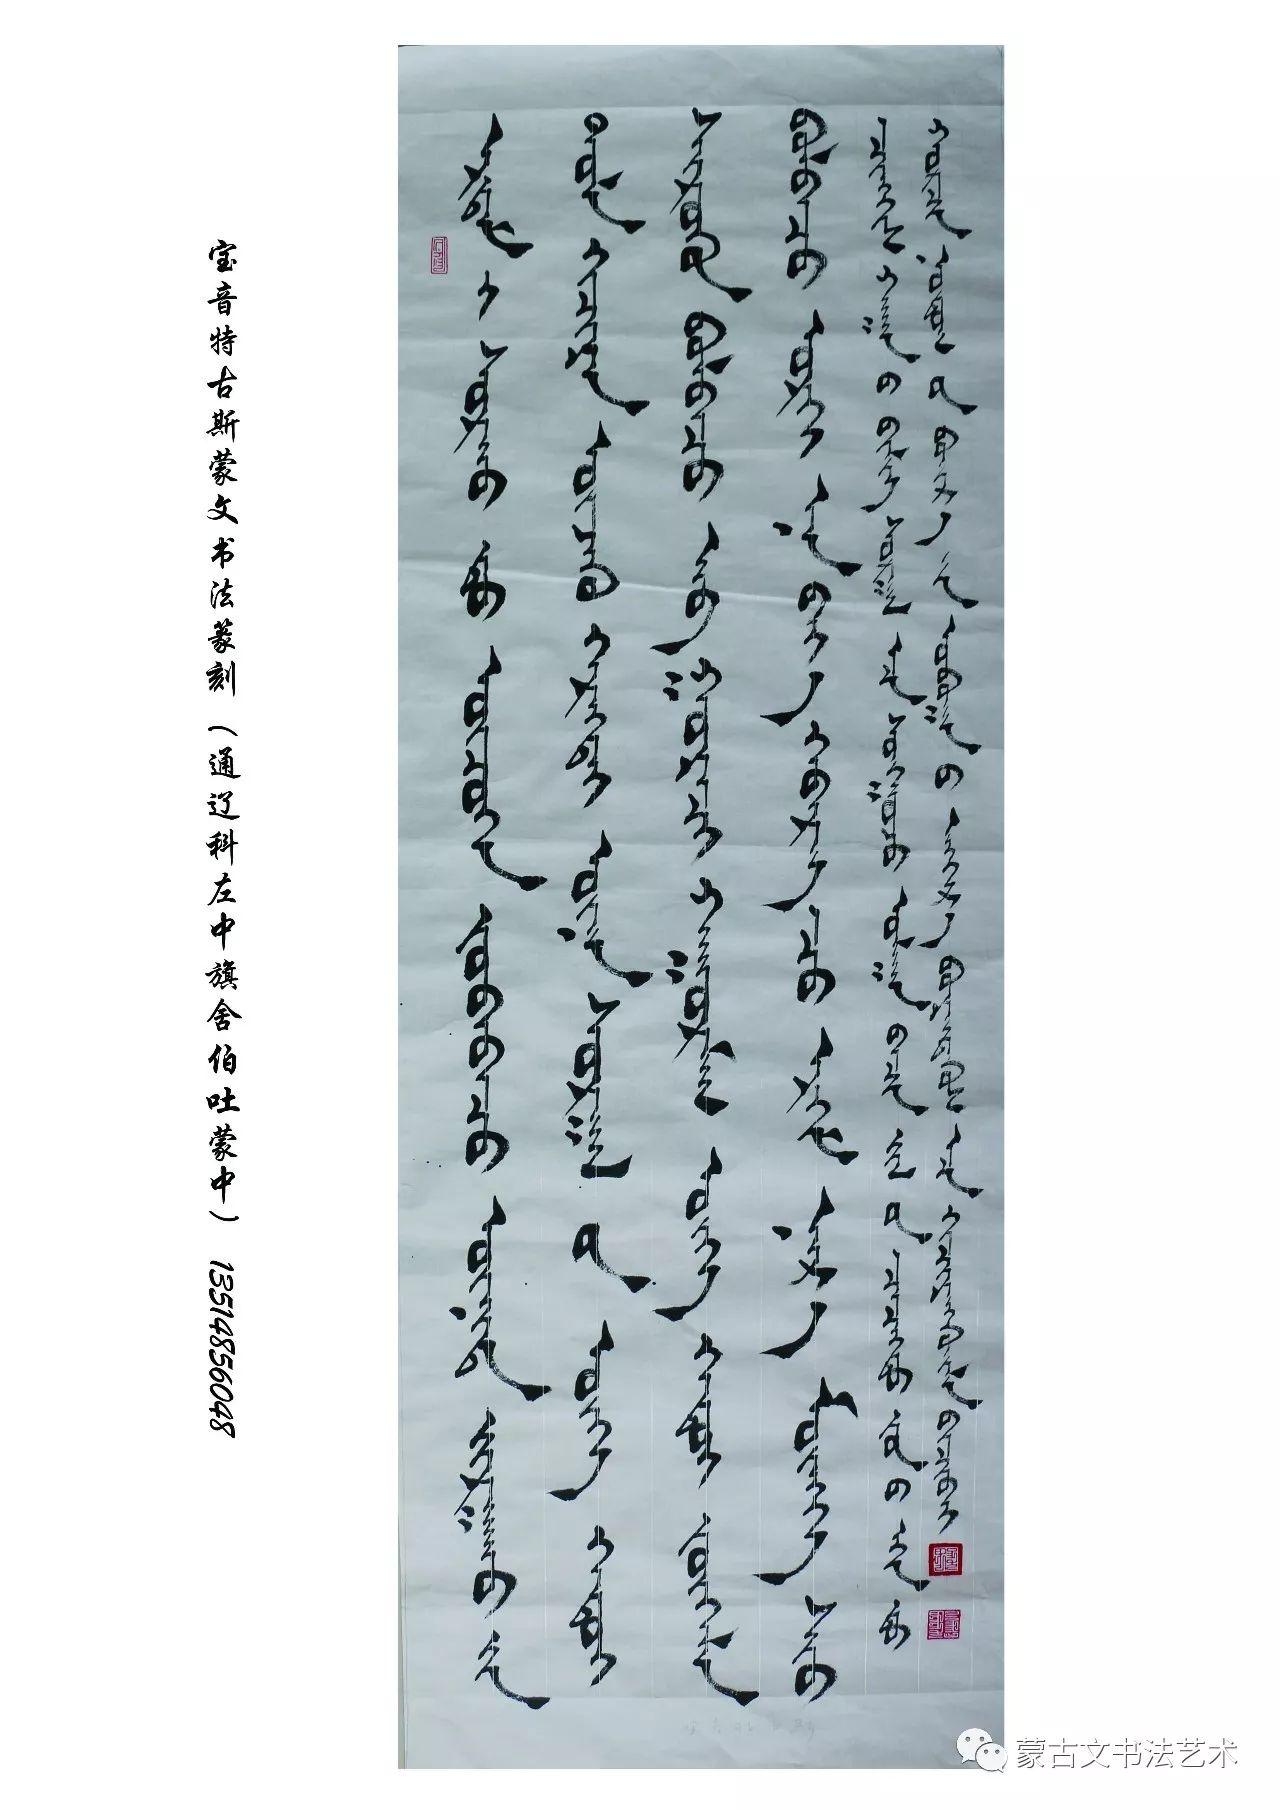 探索蒙古文书法之路-宝音特古斯 第1张 探索蒙古文书法之路-宝音特古斯 蒙古书法